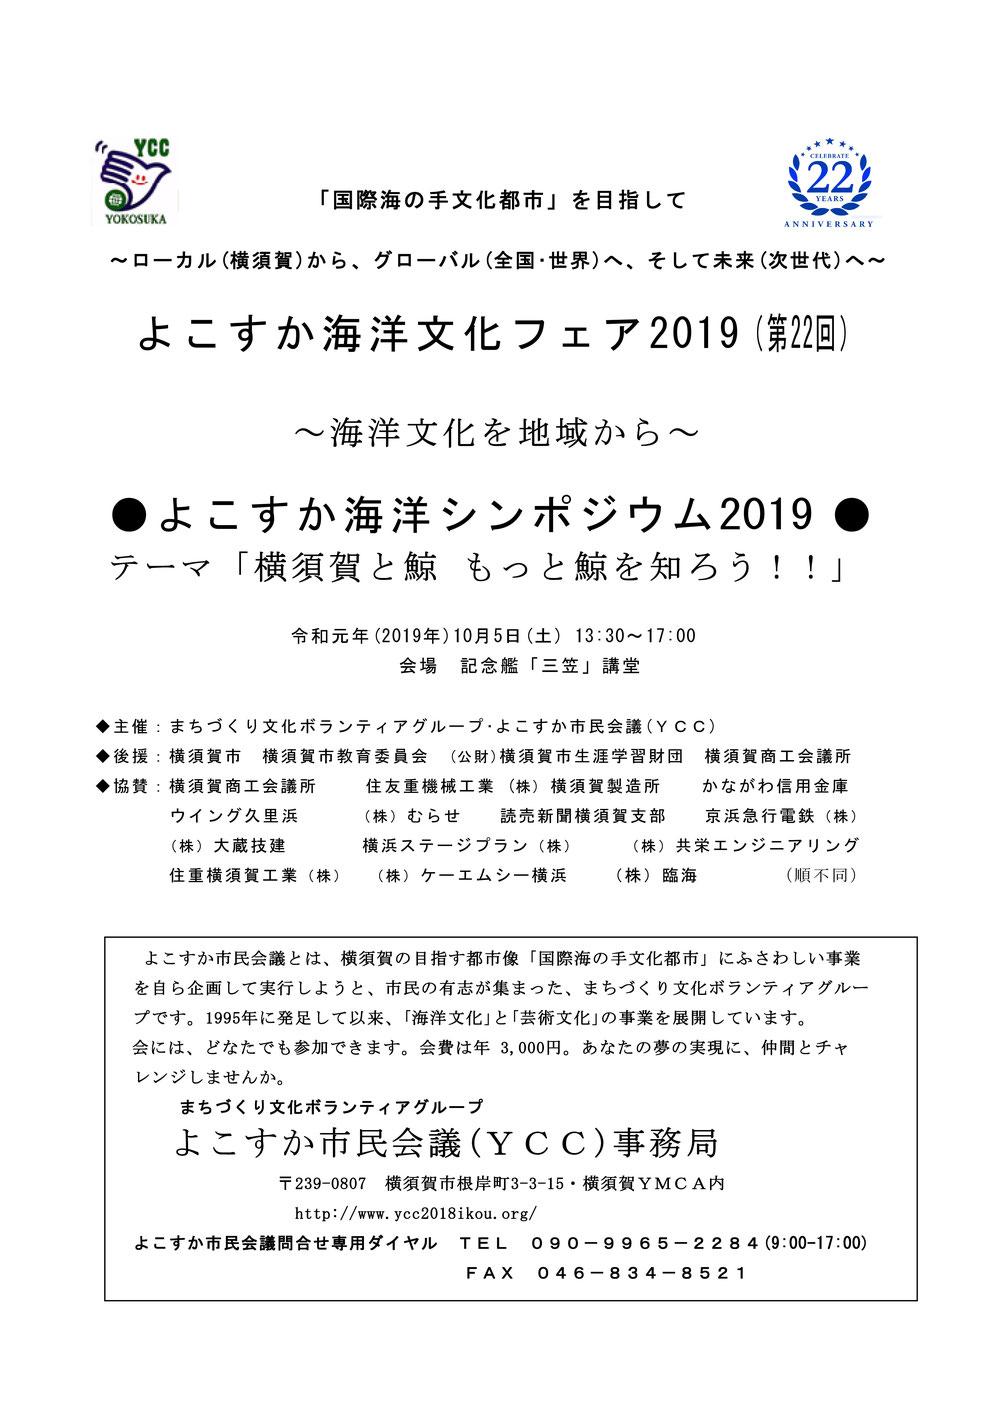 海洋シンポジウム2019 プログラム1ページ目